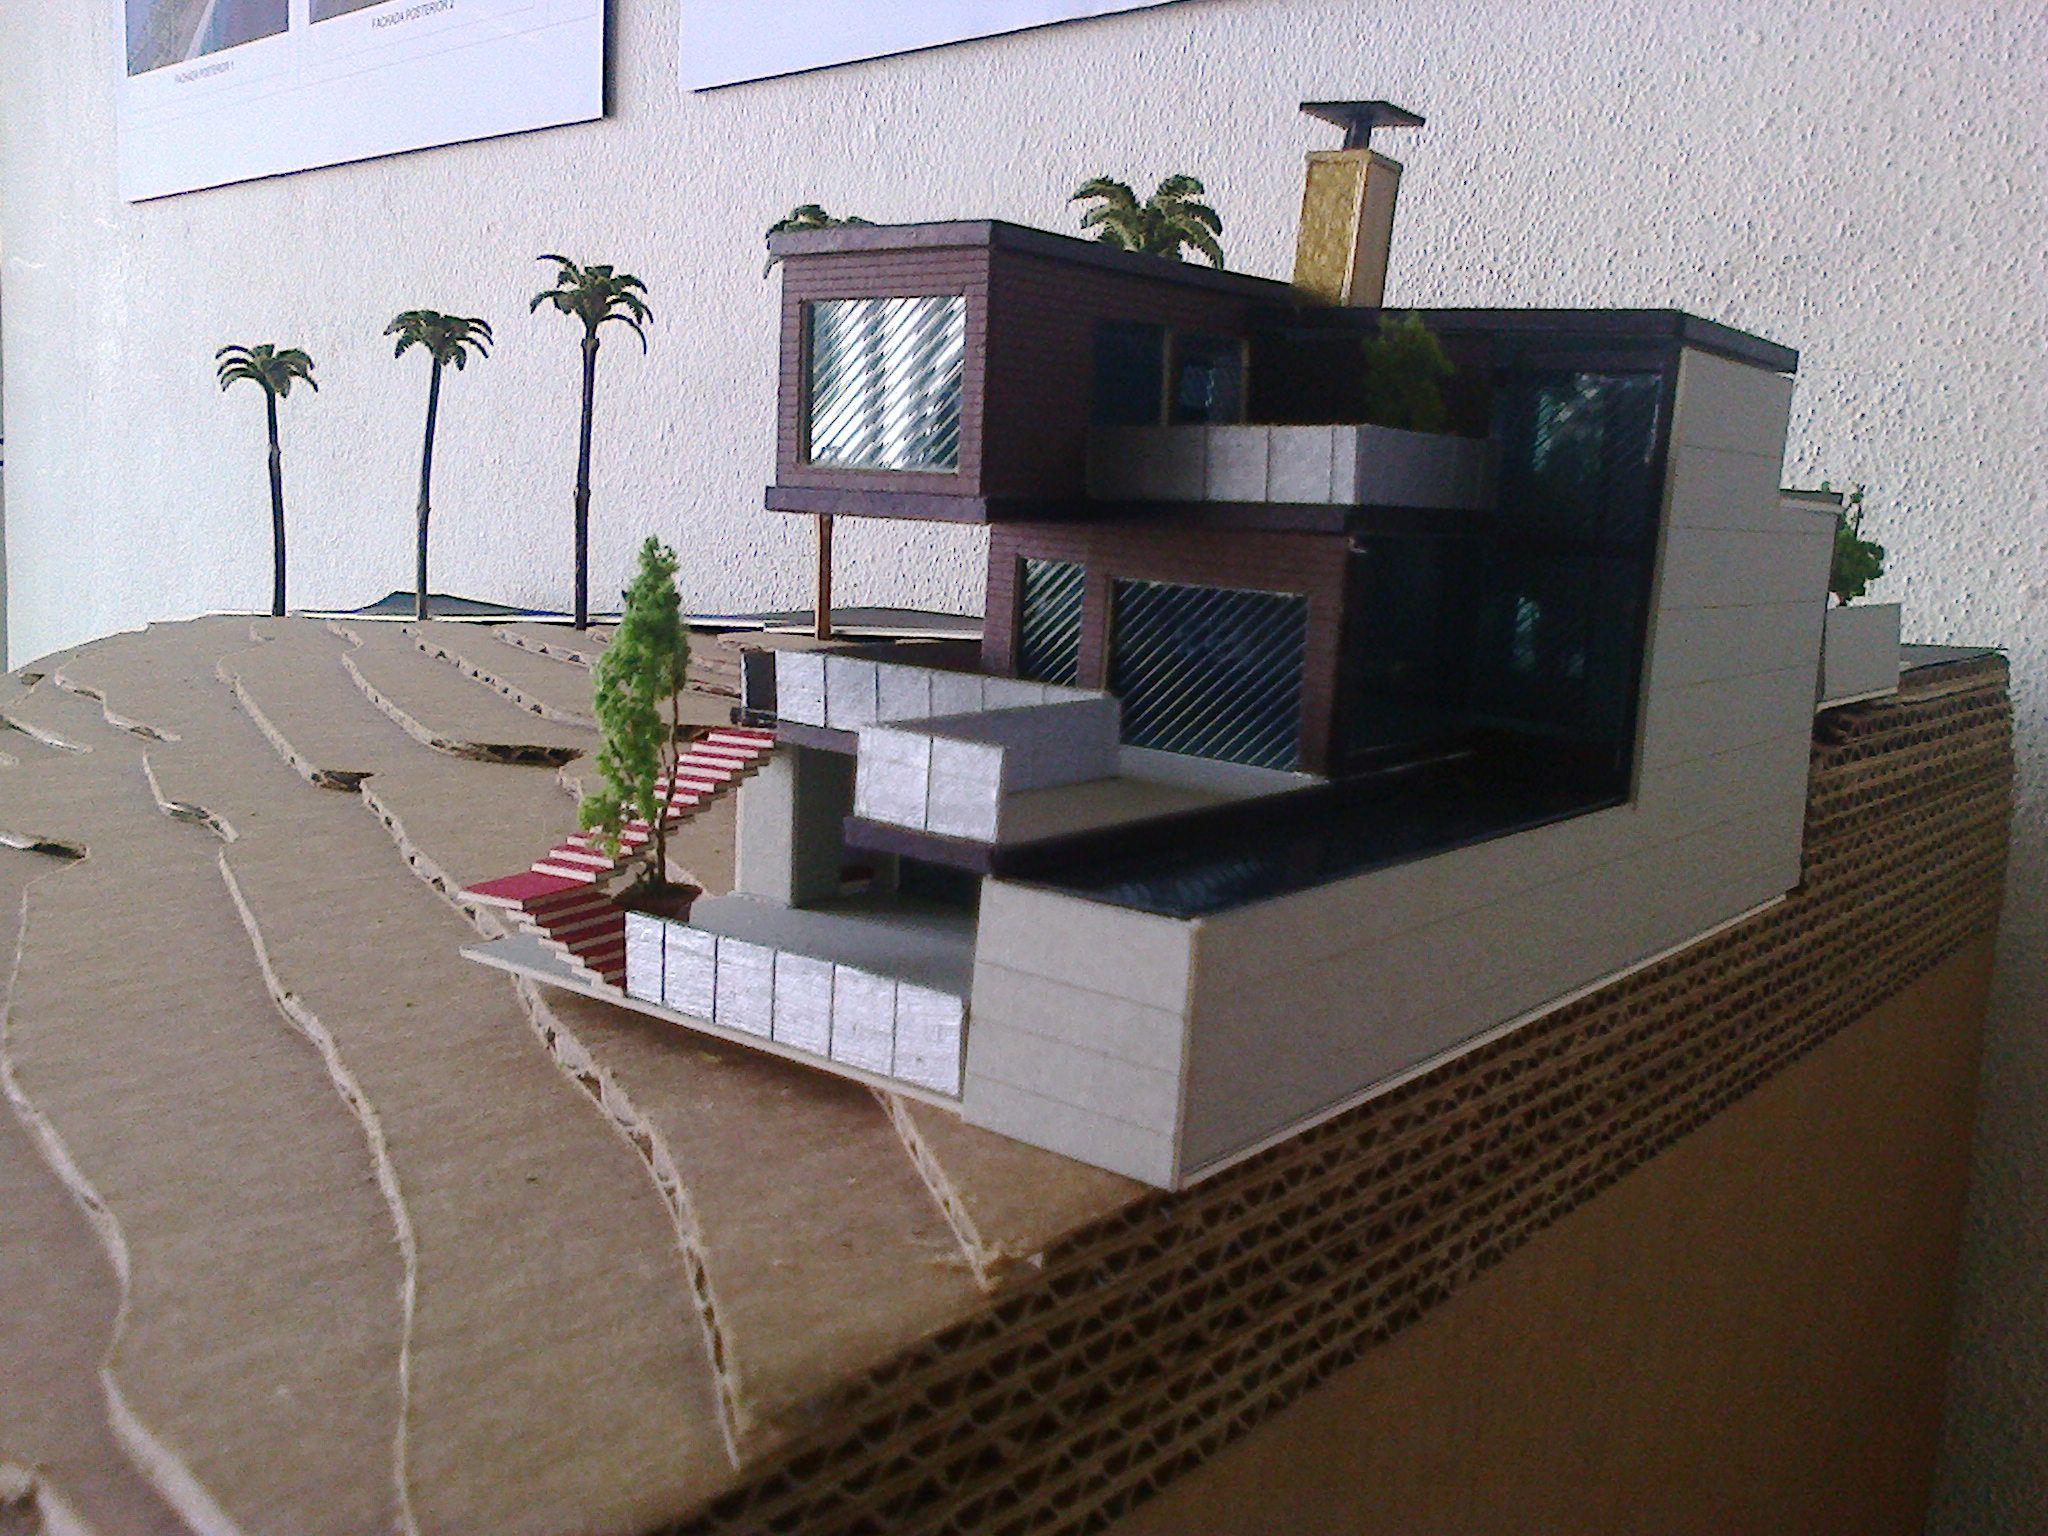 Casa de playa disenoarquitectonico maquetas pinterest for Casa moderna maqueta